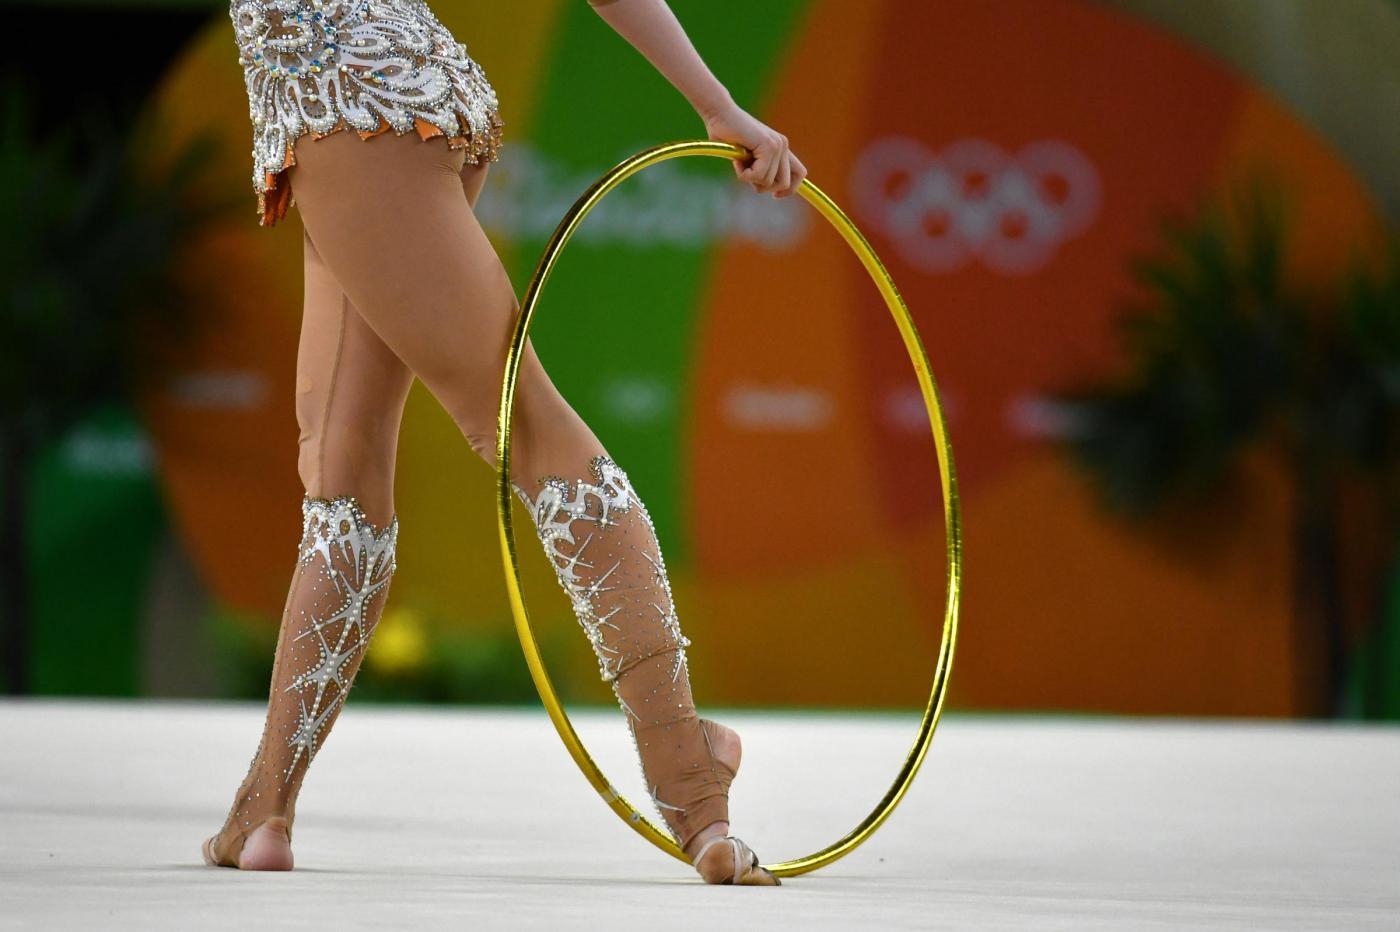 Doping, Mosca ammette: 'Atleti dopati per i Giochi Olimpici, ma Putin non sapeva'. I punti dello scandalo